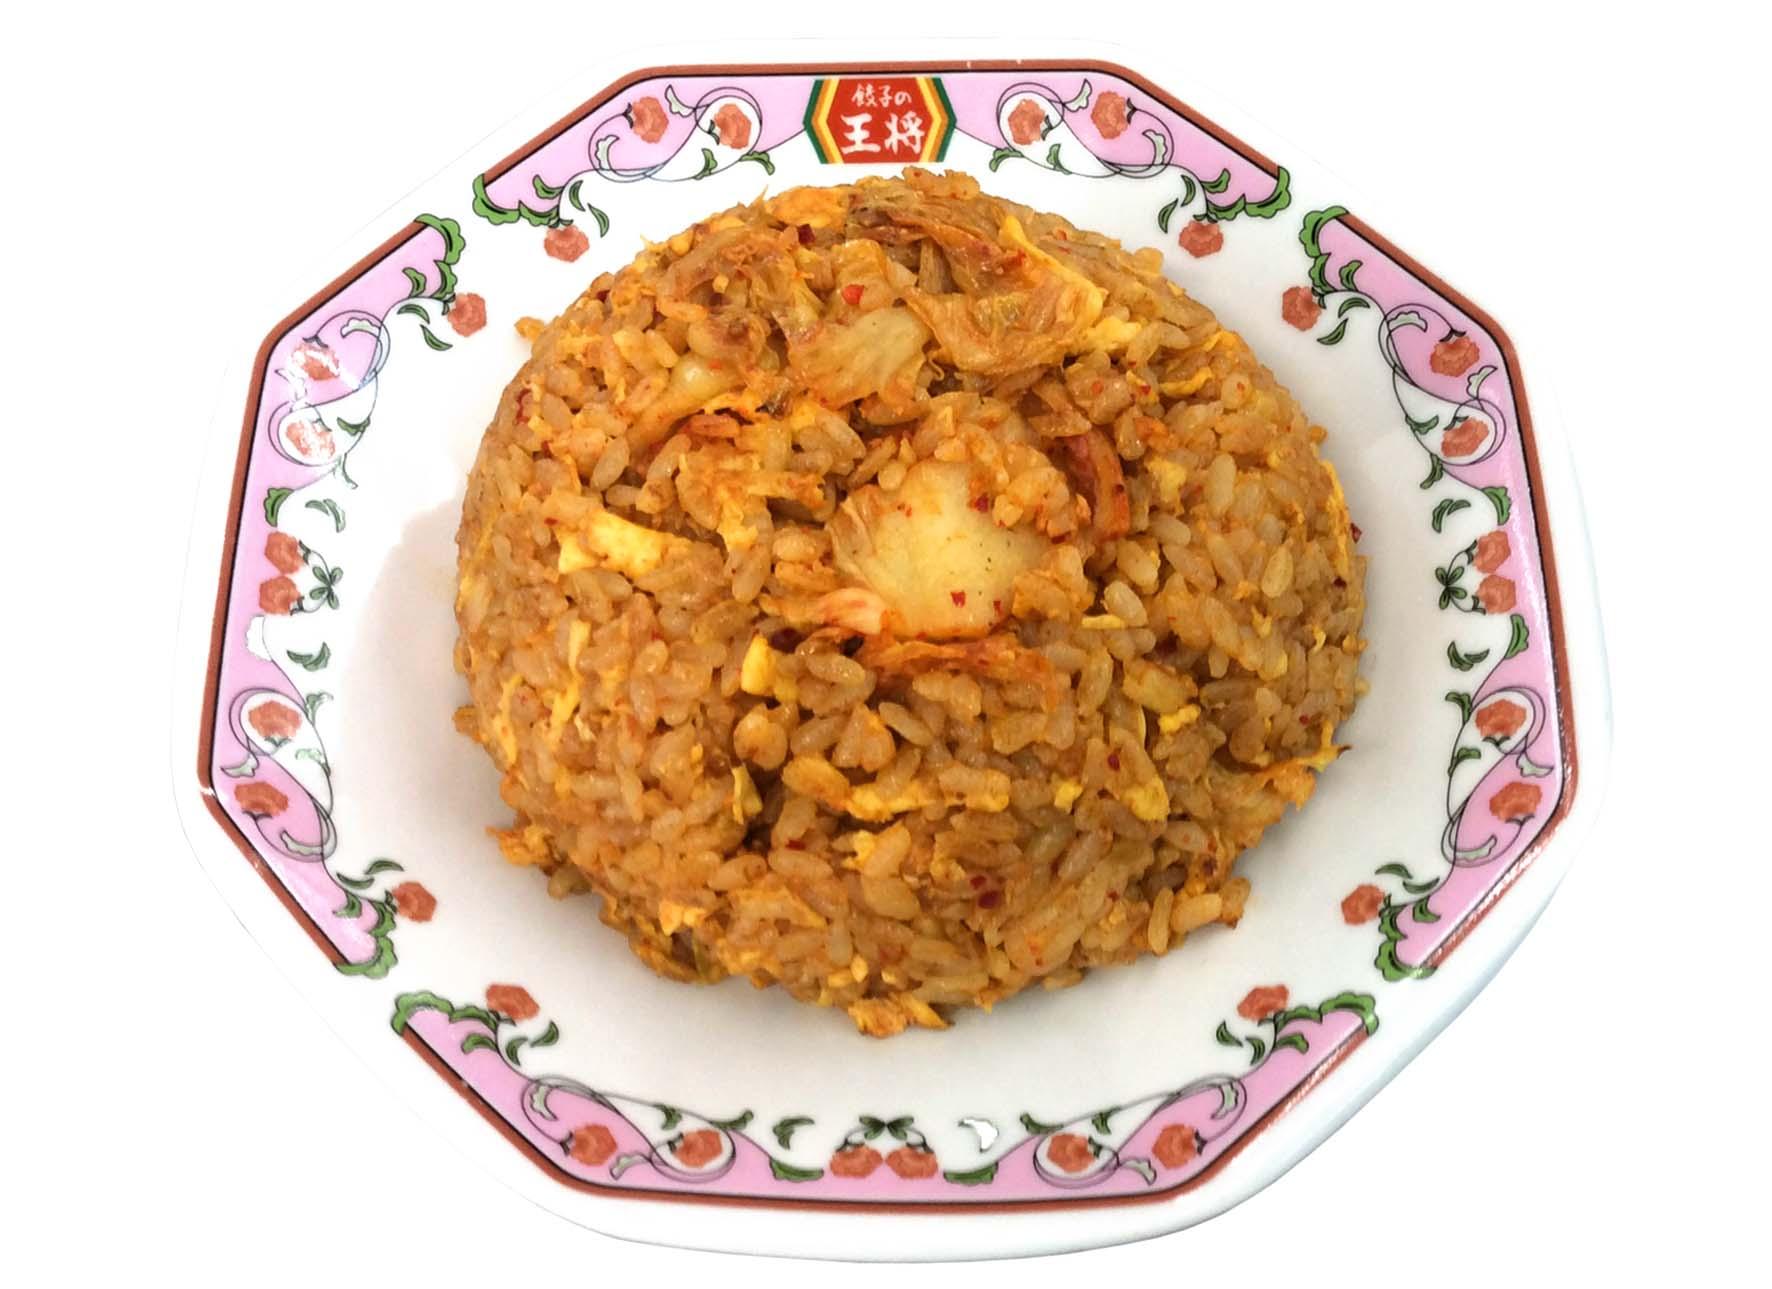 キムチ炒飯(大盛り)